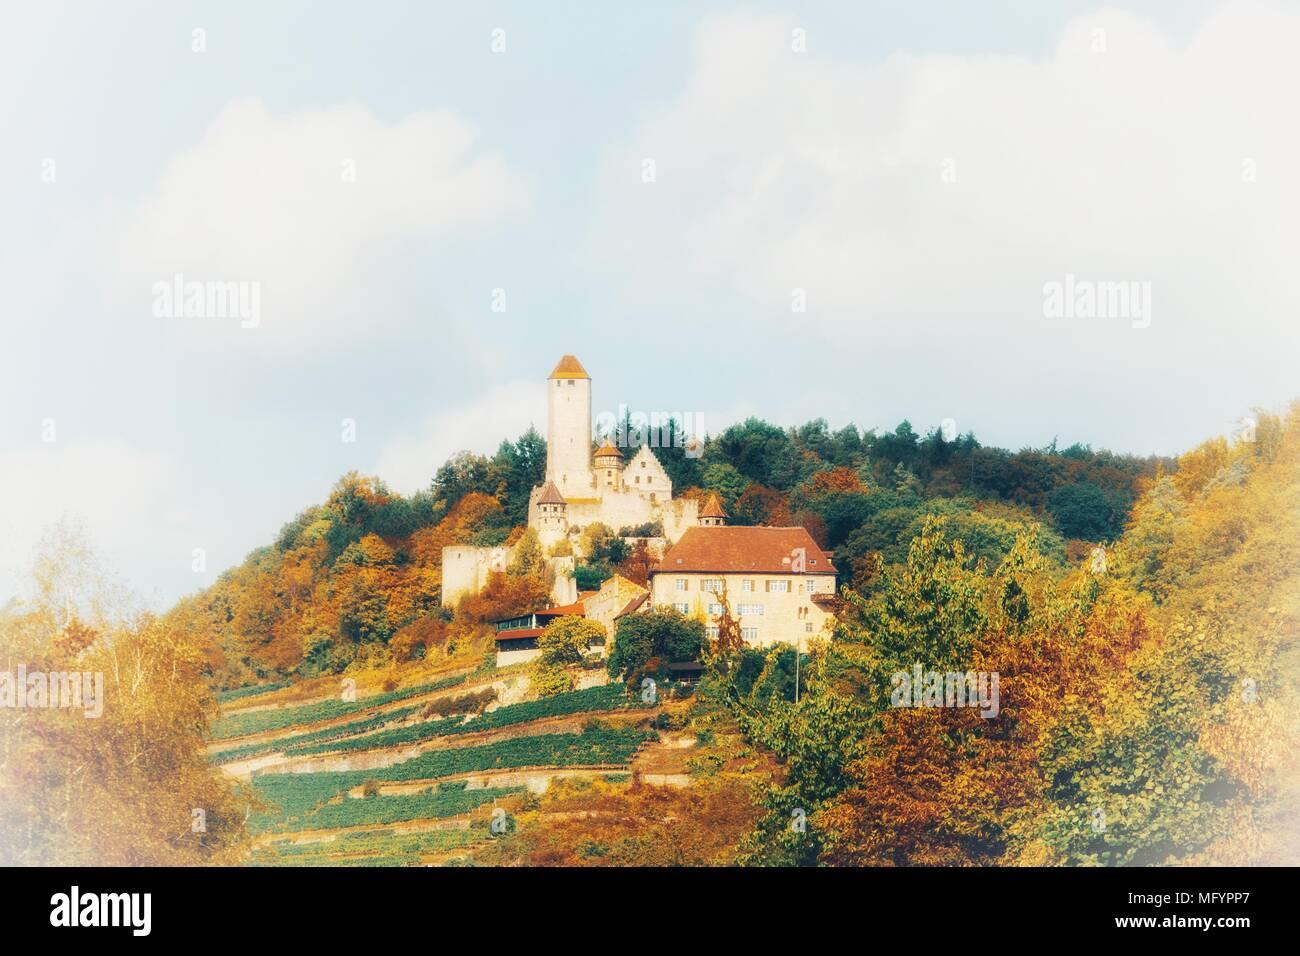 Nutten Hornberg